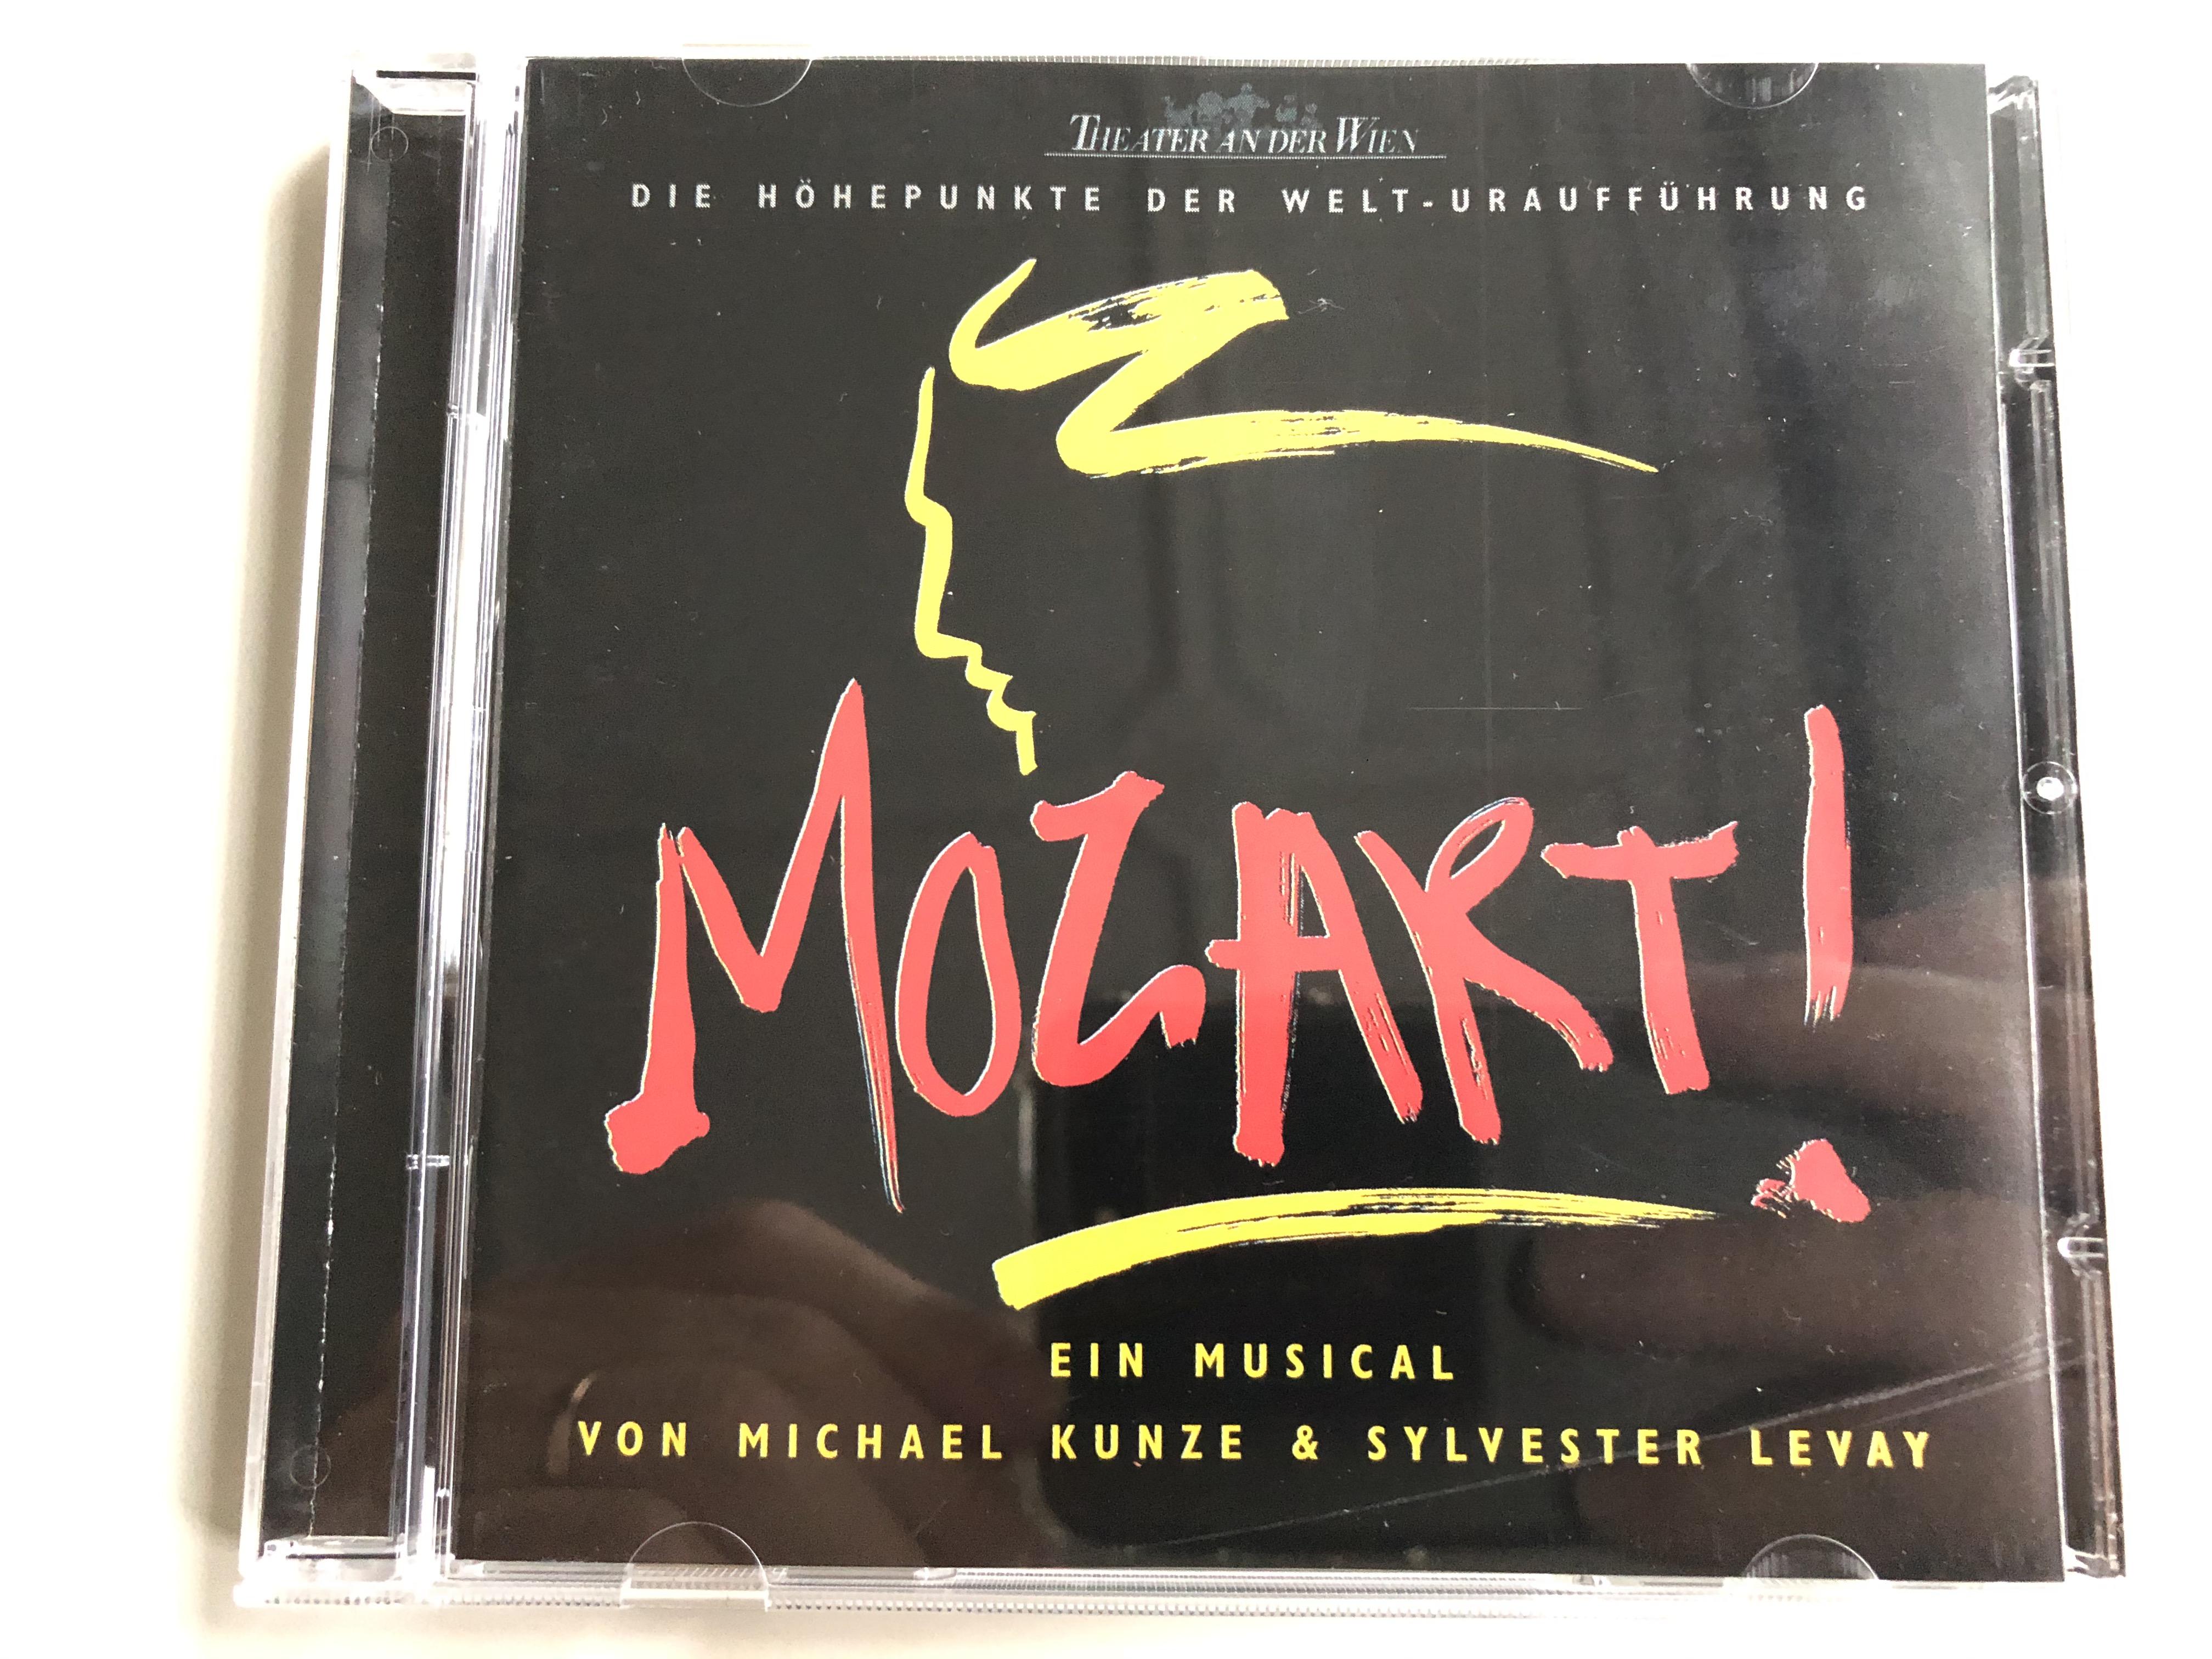 die-h-hepunkte-der-welt-urauff-hrung-mozart-ein-musical-von-michael-kunze-sylvester-levay-polydor-audio-cd-1999-543-107-2-1-.jpg